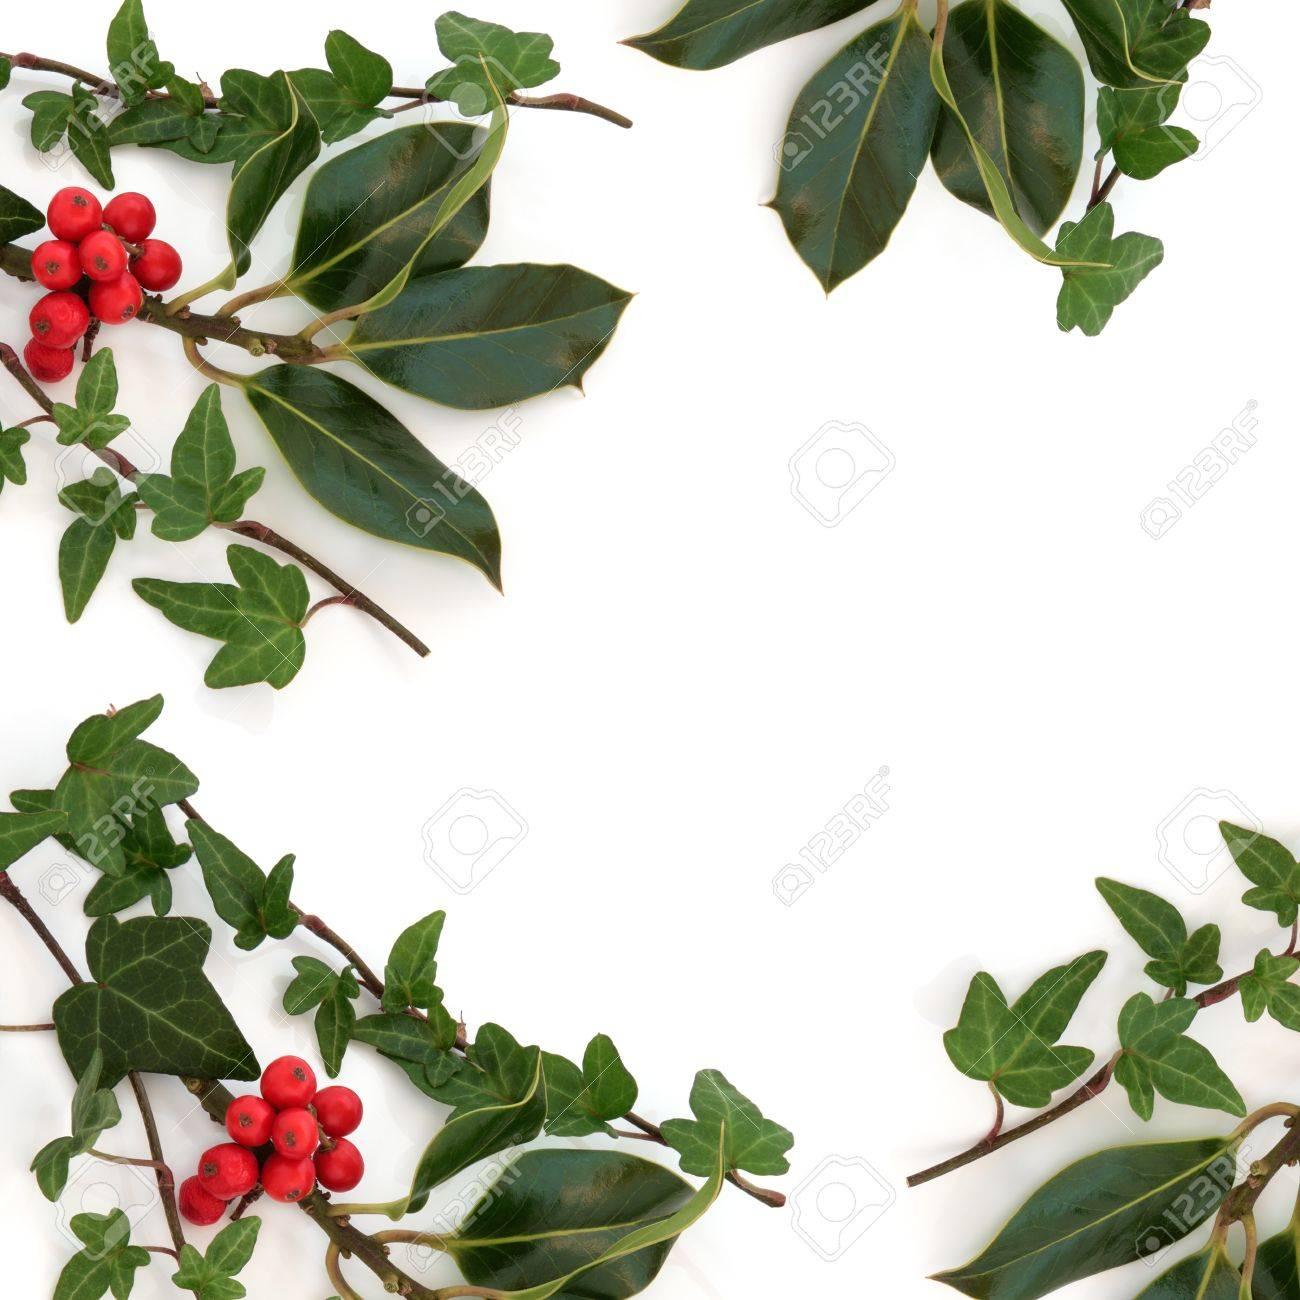 Efeu Blatt Und Holly Blatt Zweige Mit Roten Beeren Schaffen Eine